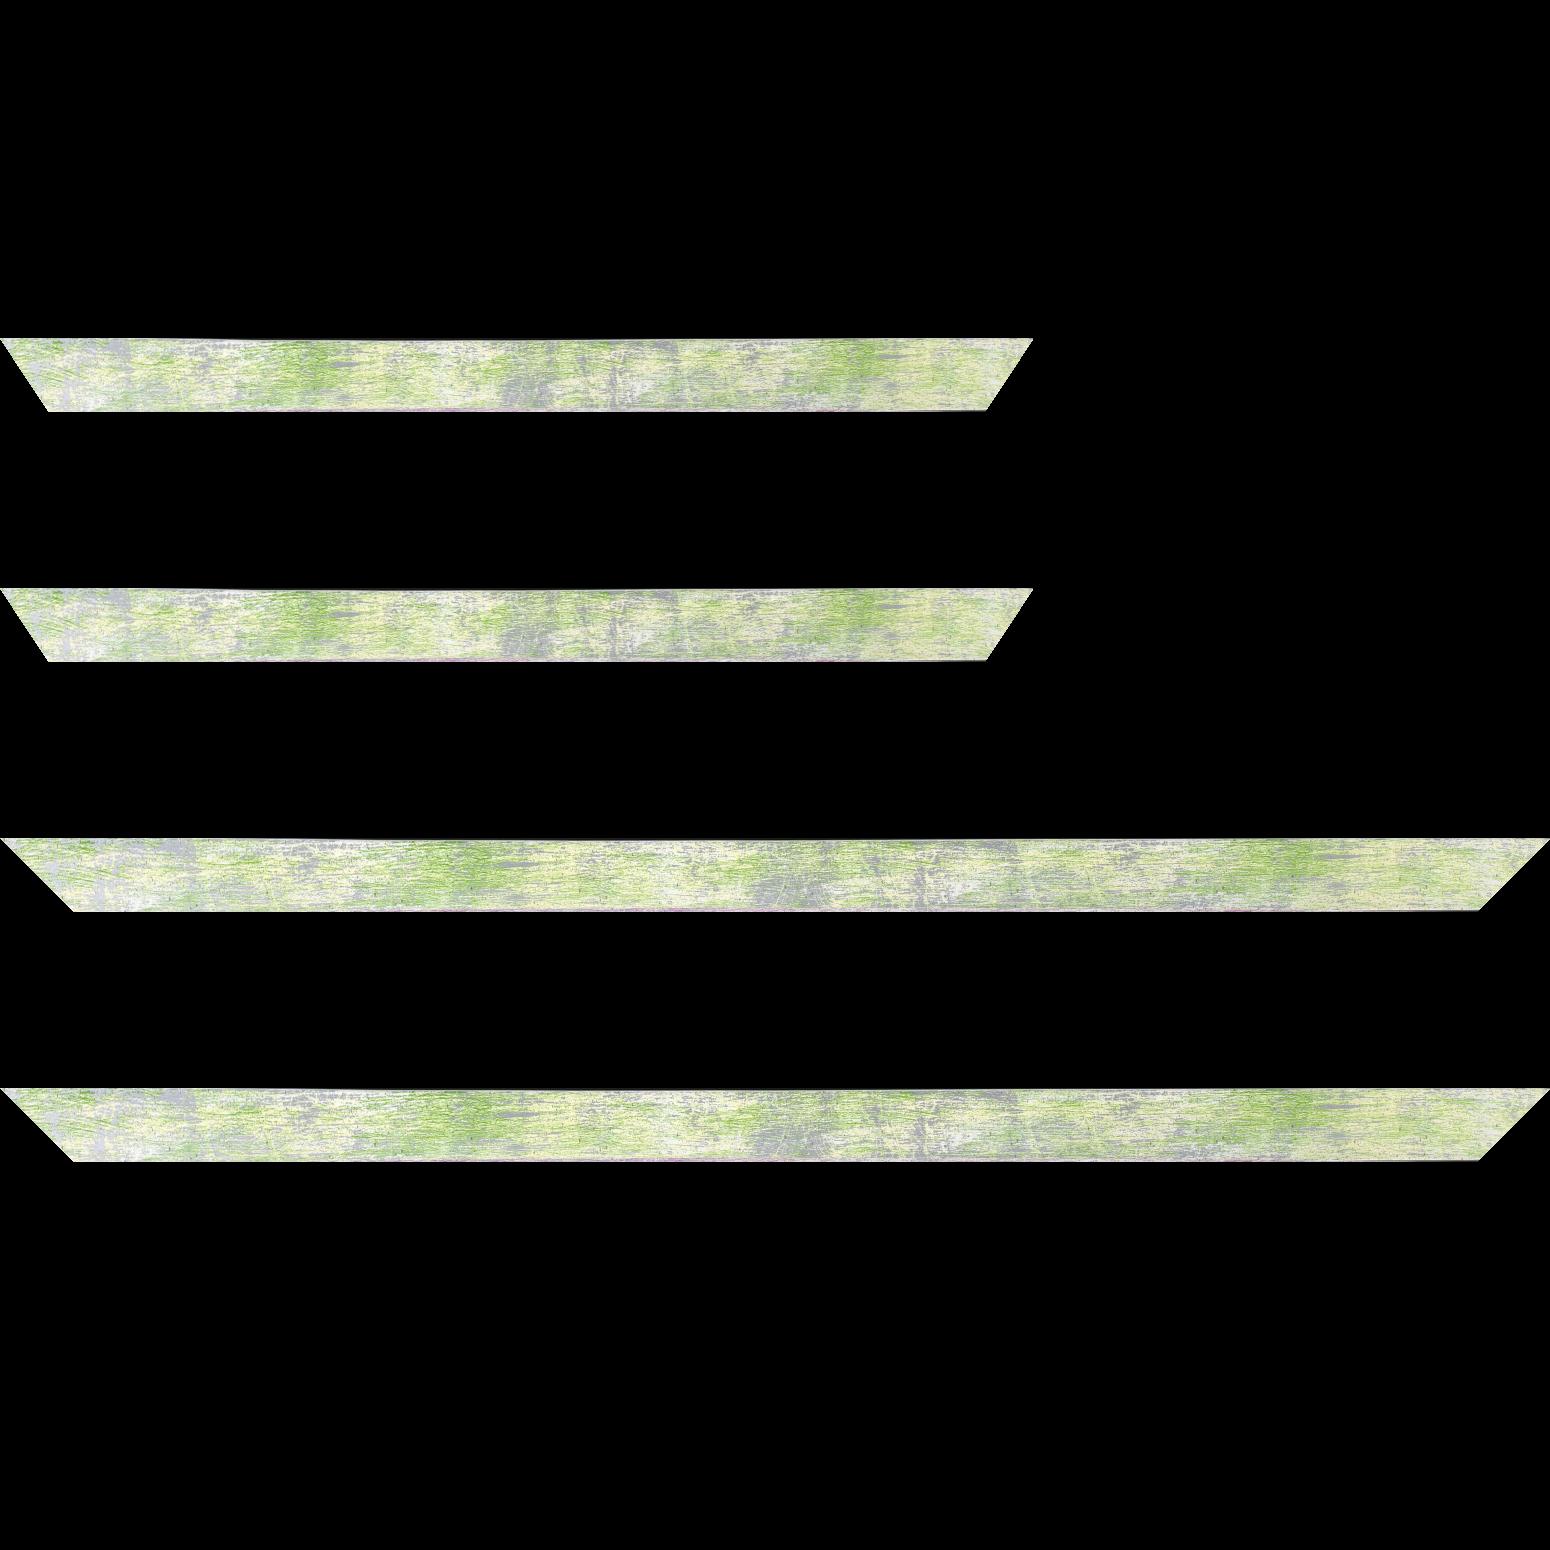 Baguette service précoupé Bois profil concave largeur 2.4cm de couleur vert pale fond argent